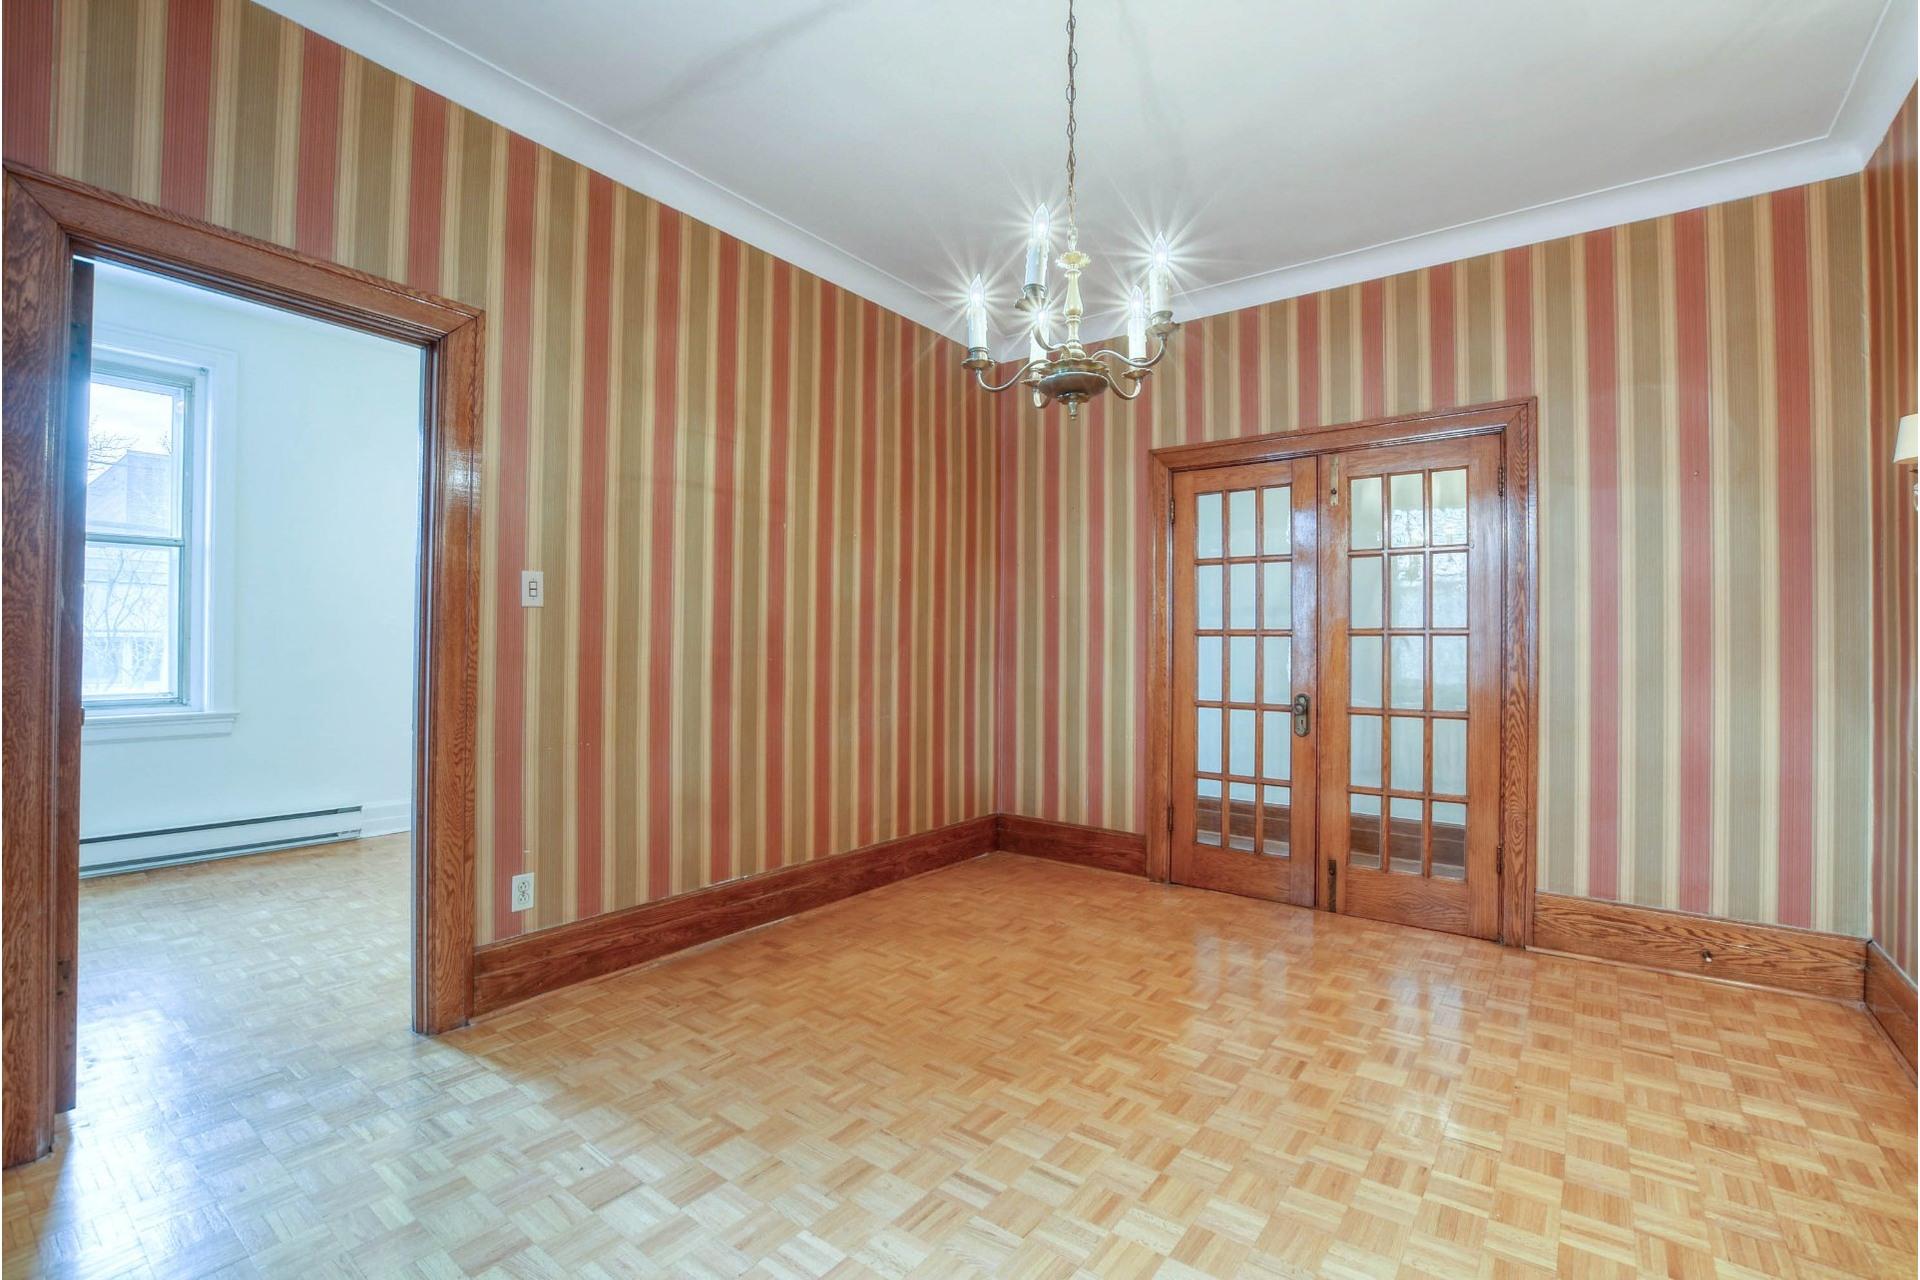 image 4 - Duplex For sale Côte-des-Neiges/Notre-Dame-de-Grâce Montréal  - 8 rooms